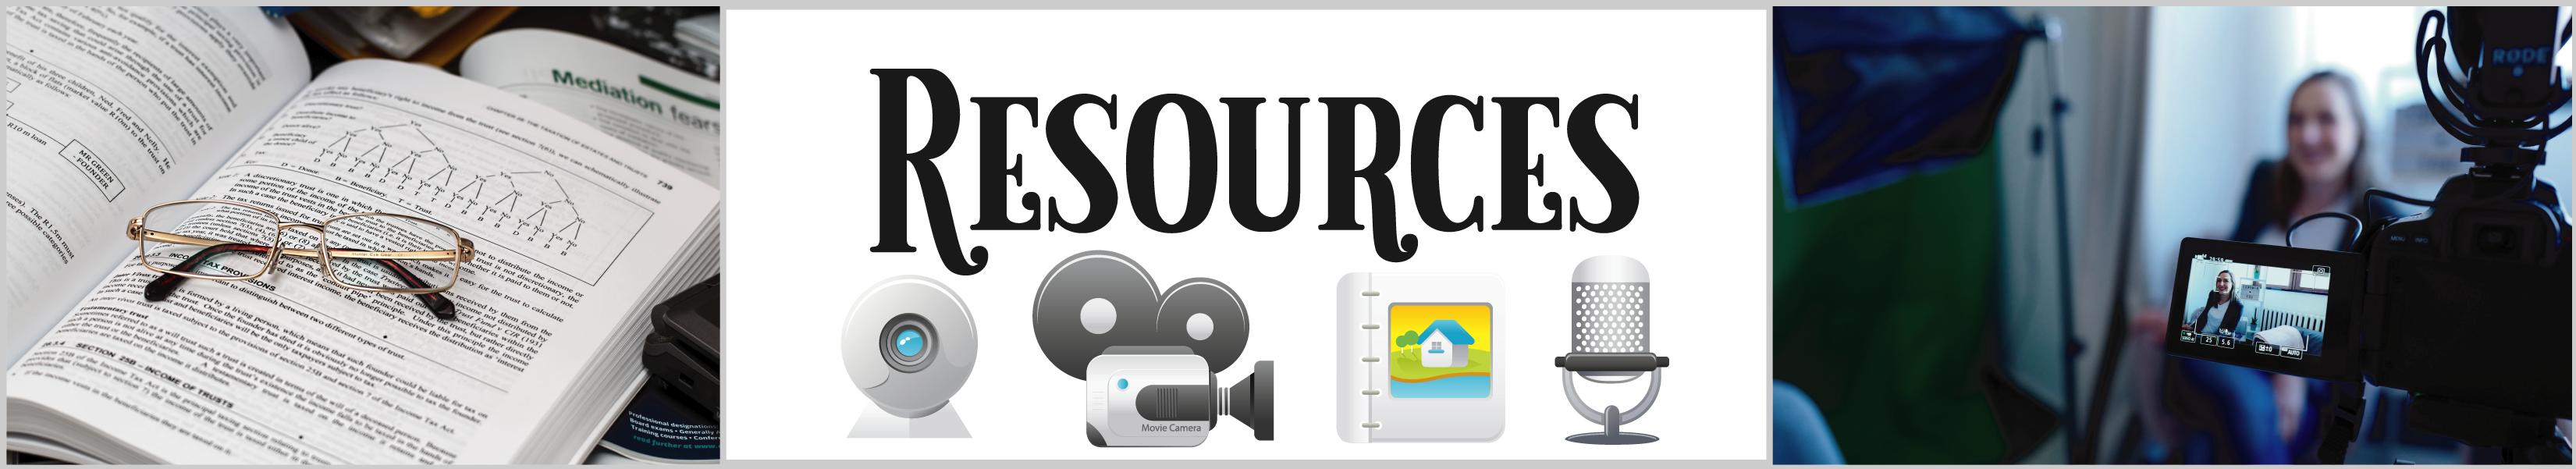 ResourcesHeader-04